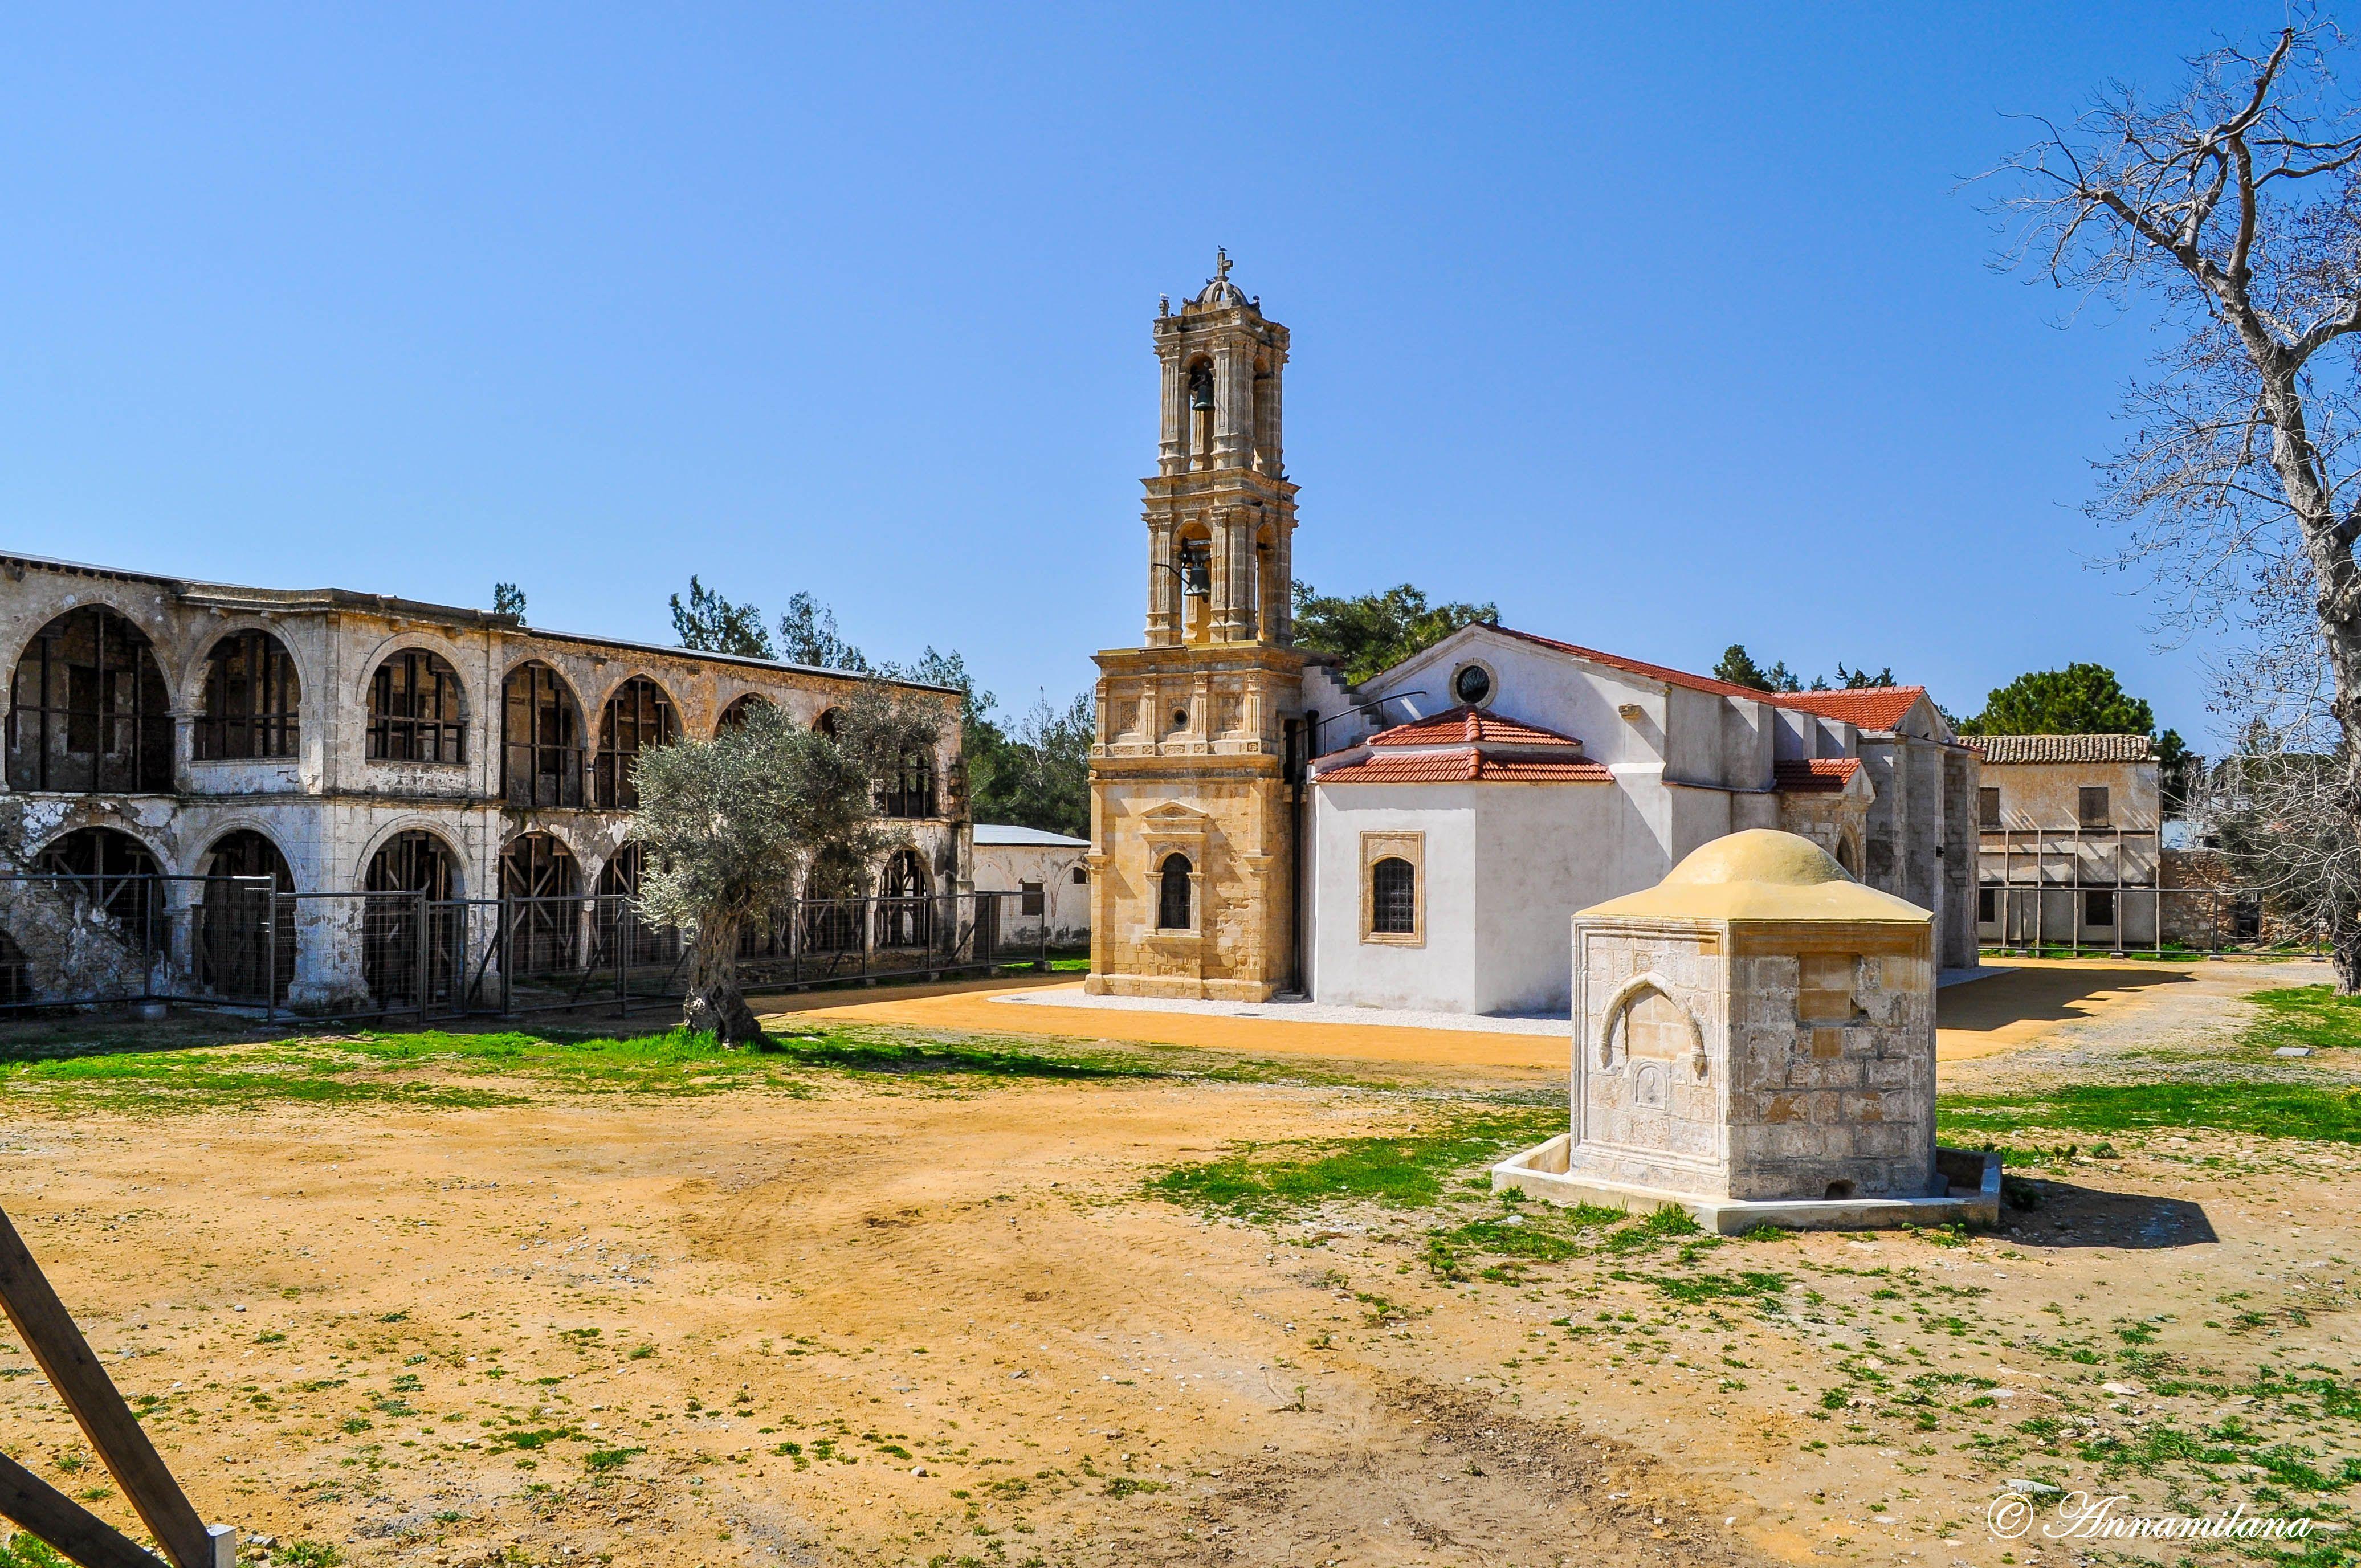 Монастырь Святого Пантелеймона в поселке Чамлибель